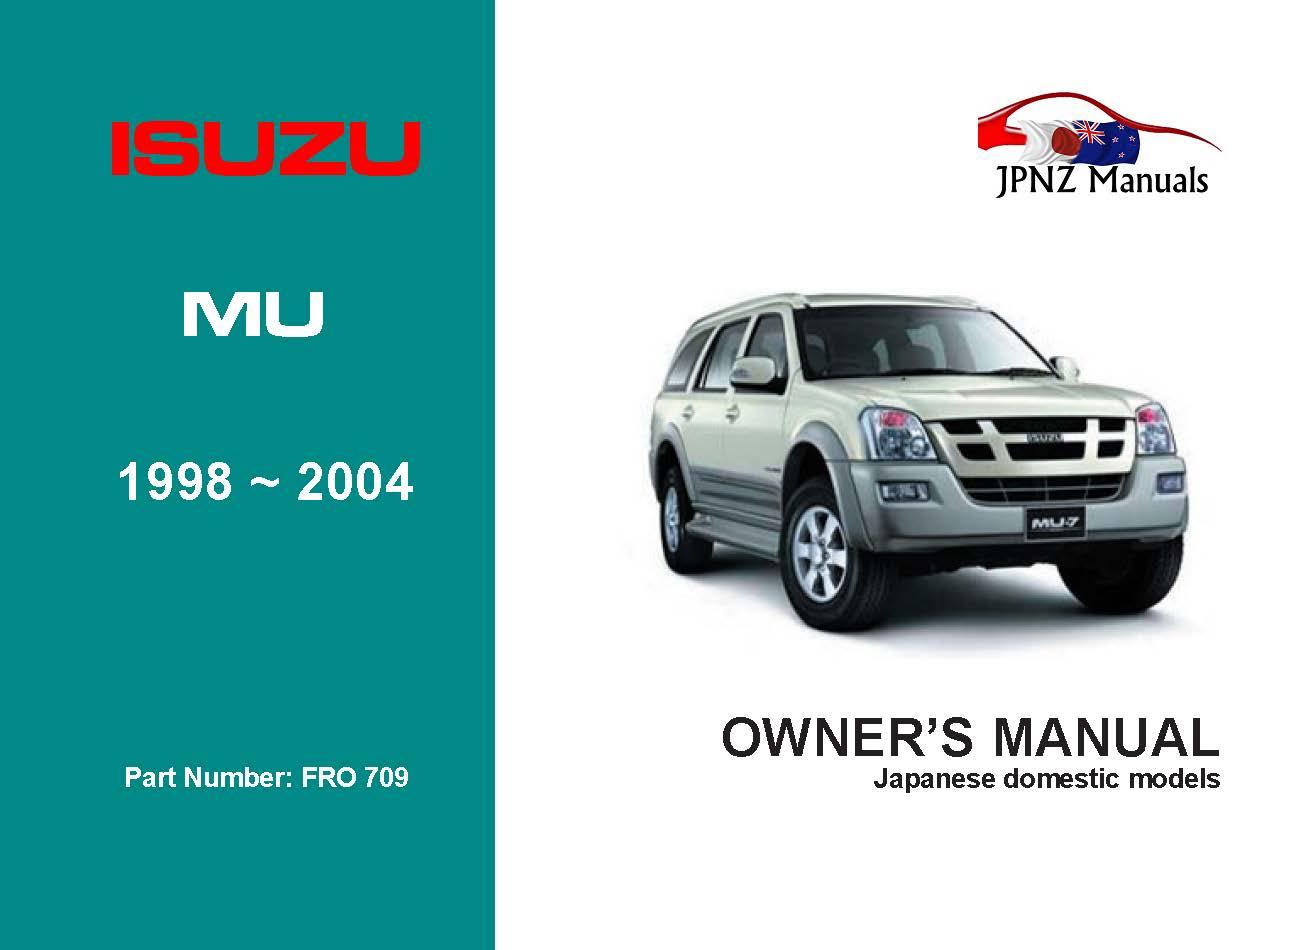 Isuzu - Mu Car Owners User Manual In English | 1998 - 2004